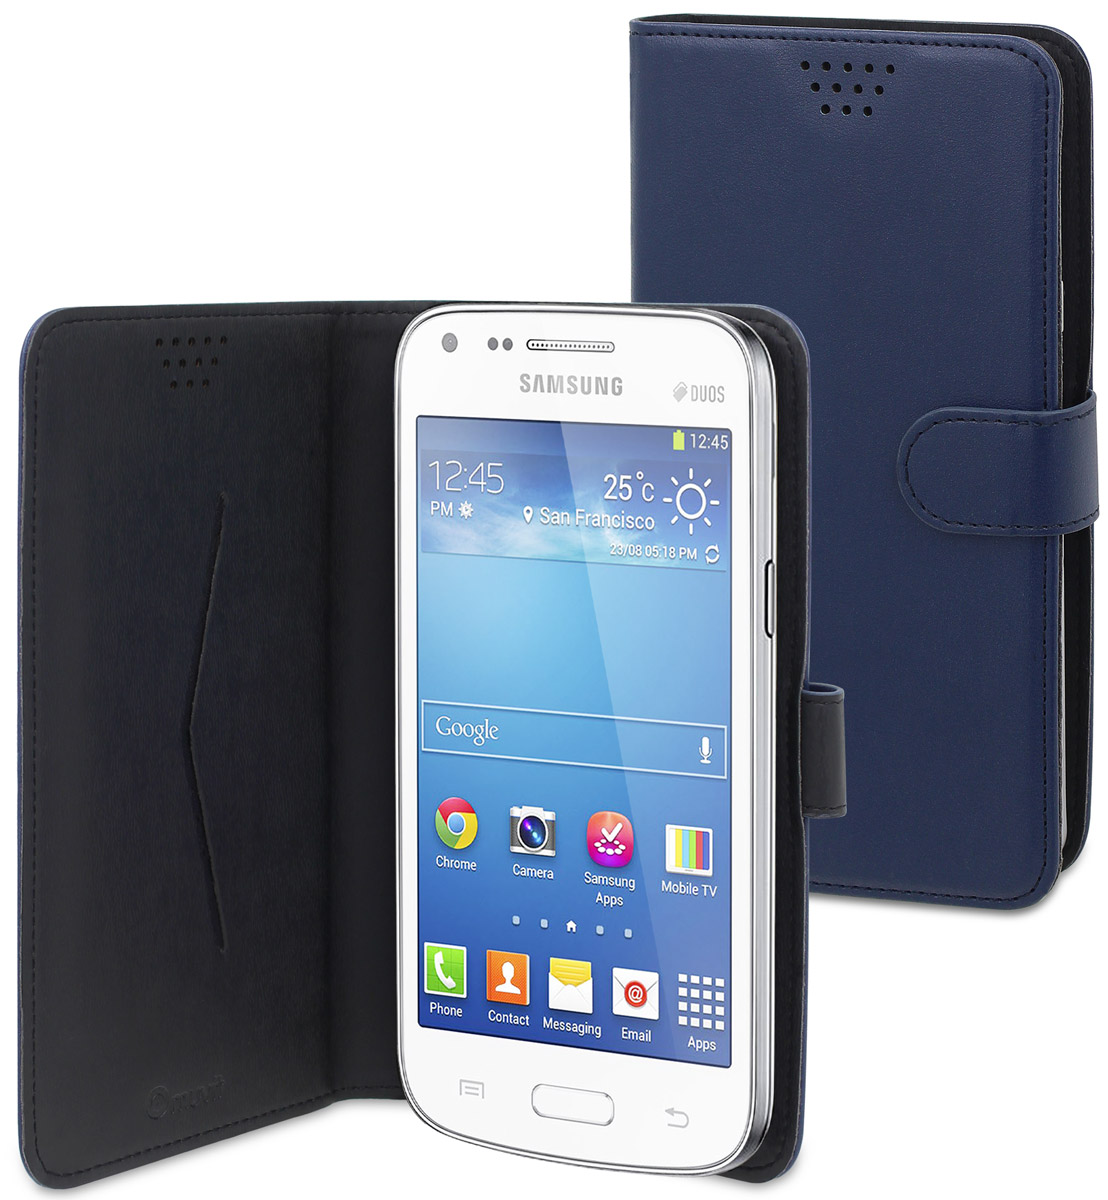 Muvit универсальный чехол для смартфонов 5,7, BlueMUCUN0285Универсальный чехол-книжка Muvit предназначен для защиты корпуса и экрана смартфона диагональю 5,7 от механических повреждений и царапин в процессе эксплуатации. Имеется свободный доступ ко всем разъемам и кнопкам устройства. Надежная фиксирующая смартфон внутренняя поверхность. Подходит для смартфонов с любым расположением камеры. Имеет специальный карман для пластиковых карт. На внутренней стороне чехла есть специальная площадка, которая позволяет вращать ваш телефон на 360°.